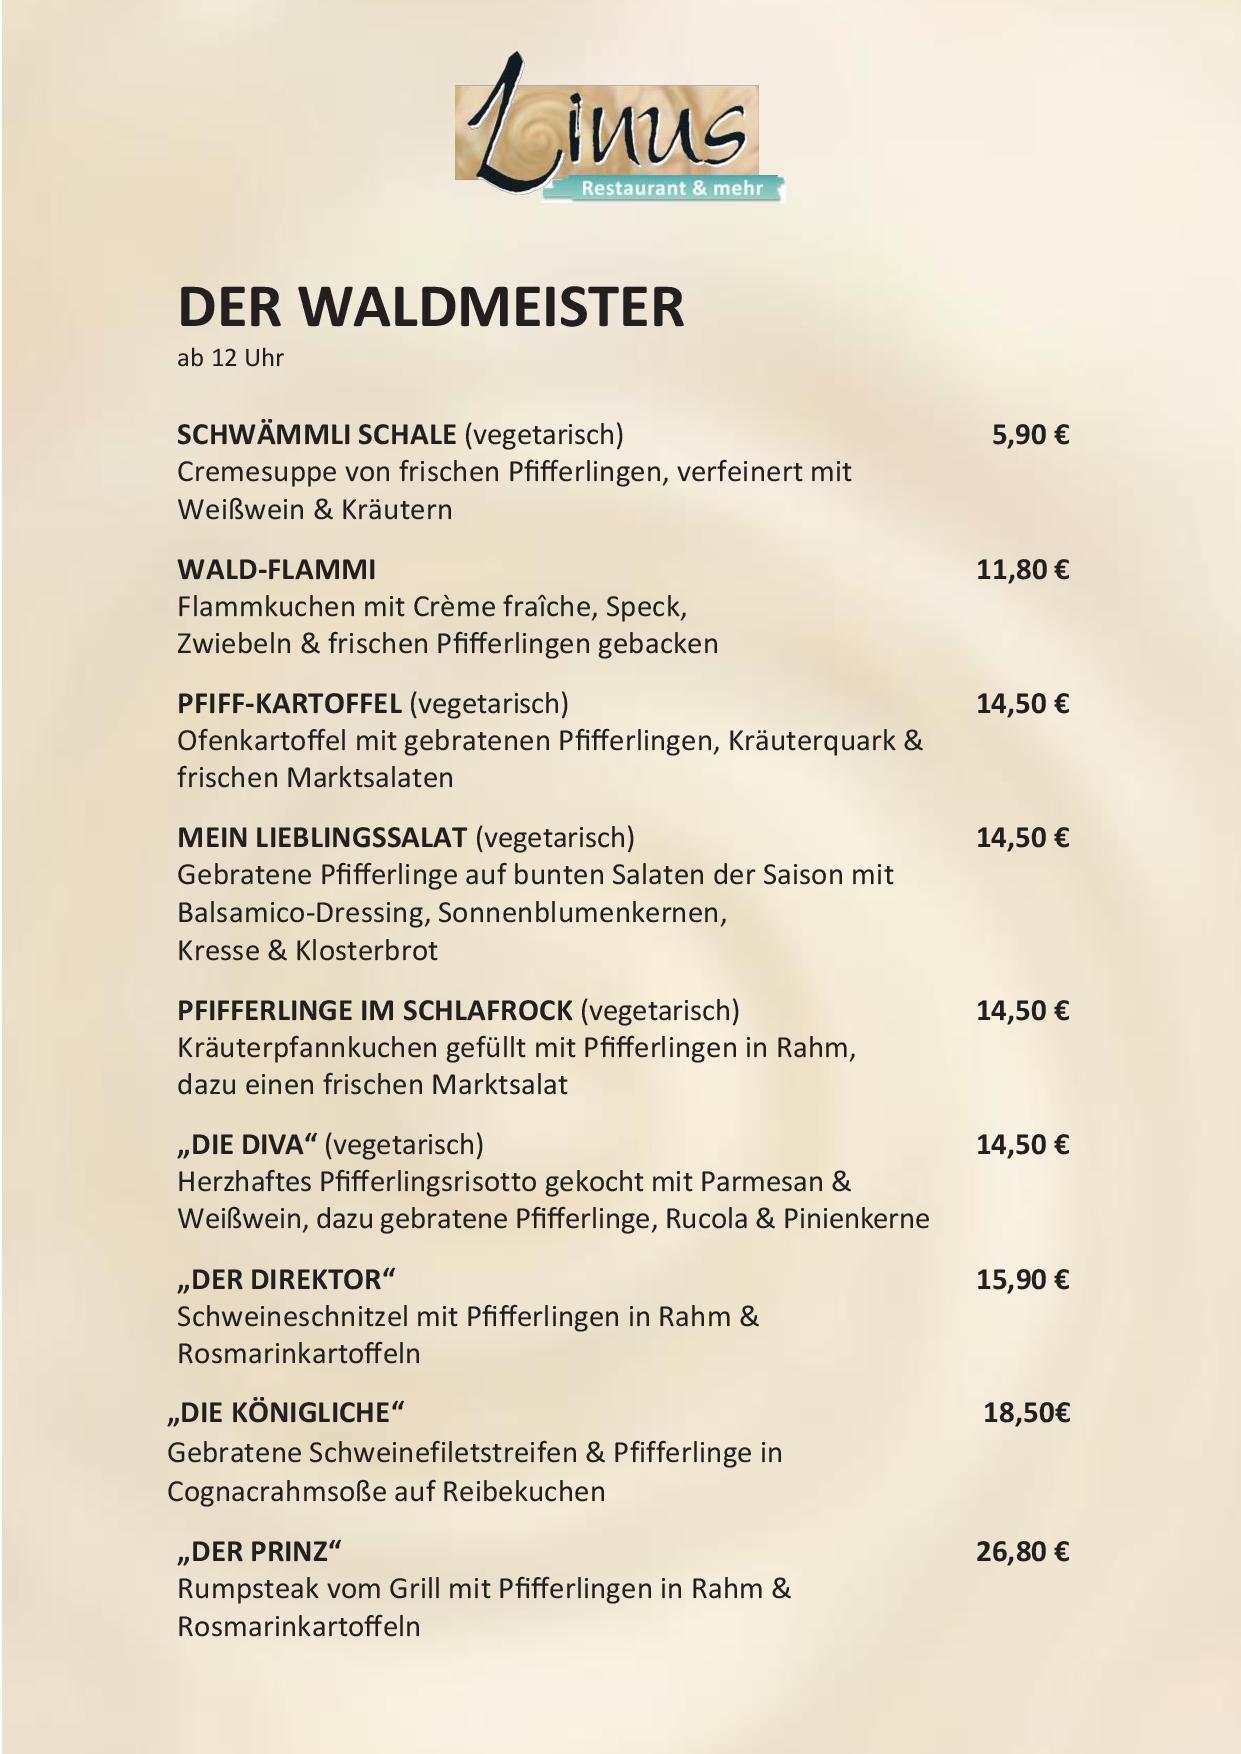 Saisonkarte des Linus Restaurants in Dortmund